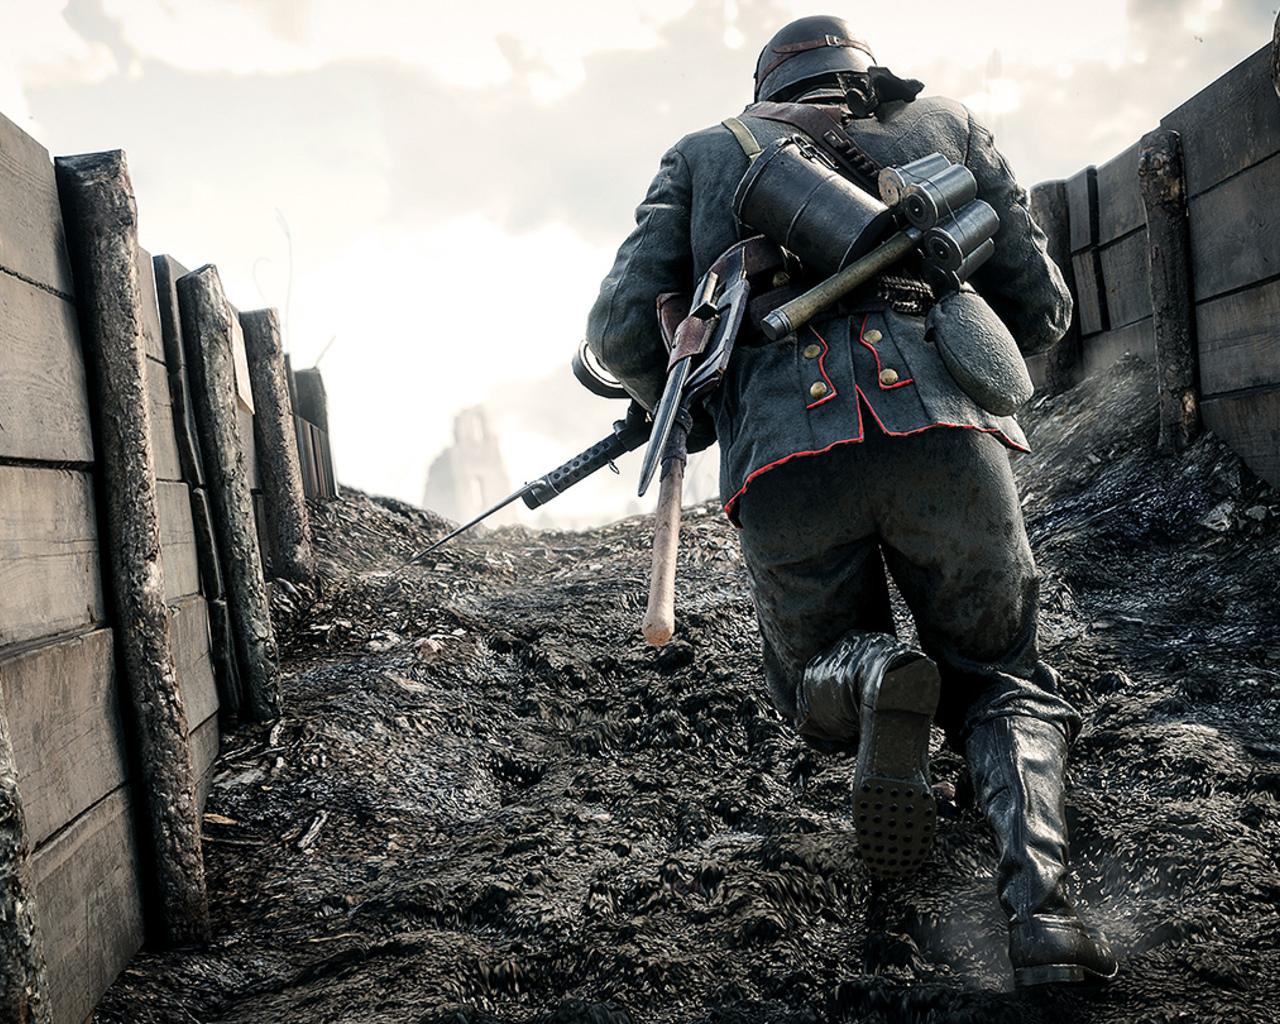 1280x1024 Battlefield 1 Full HD 1280x1024 Resolution HD 4k ...